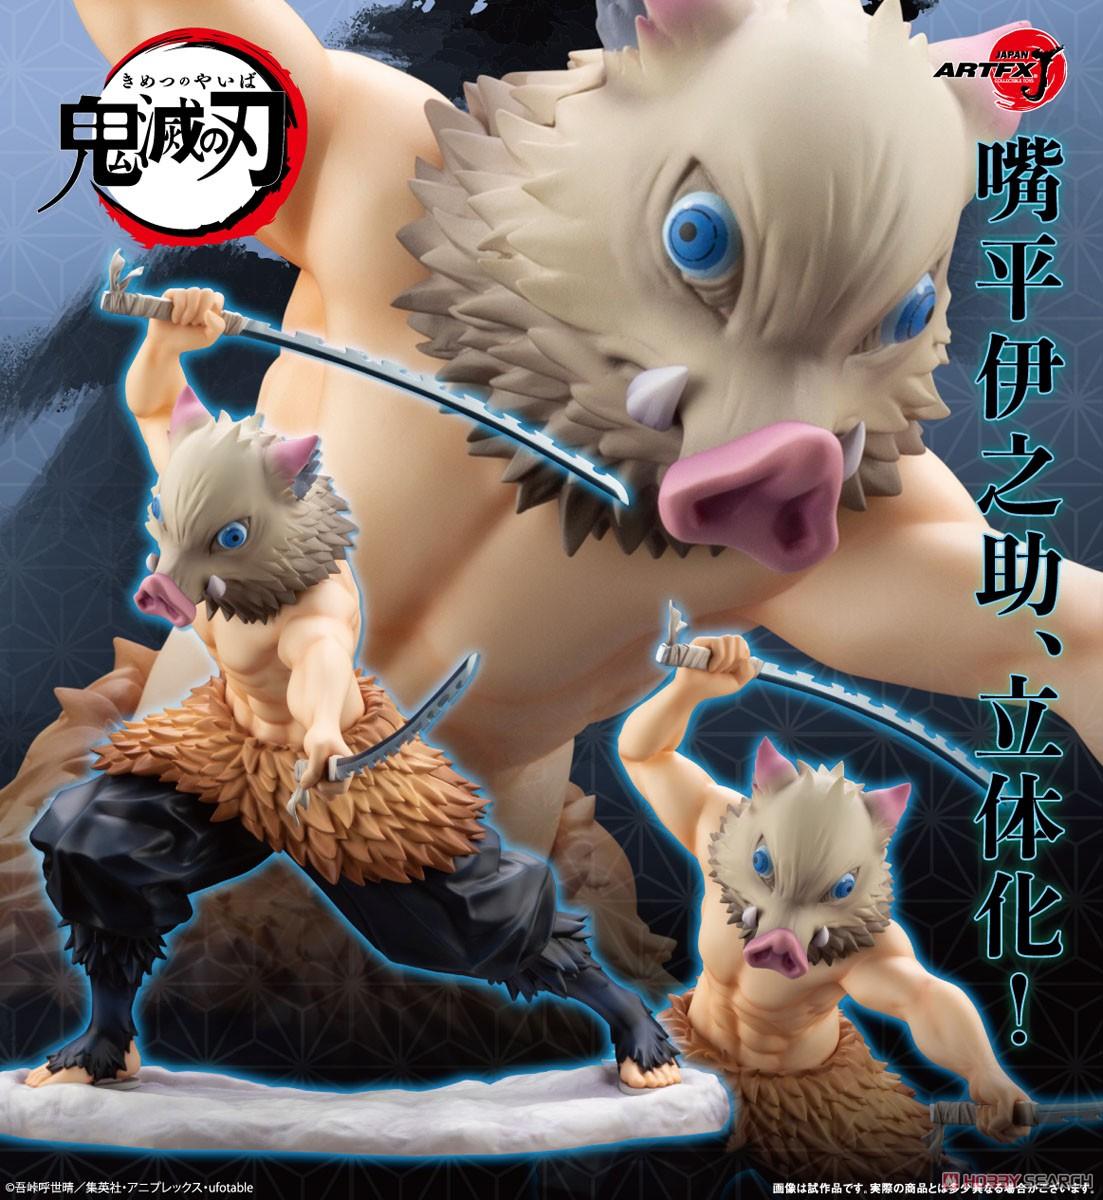 ARTFX J『嘴平伊之助』鬼滅の刃 1/8 完成品フィギュア-011